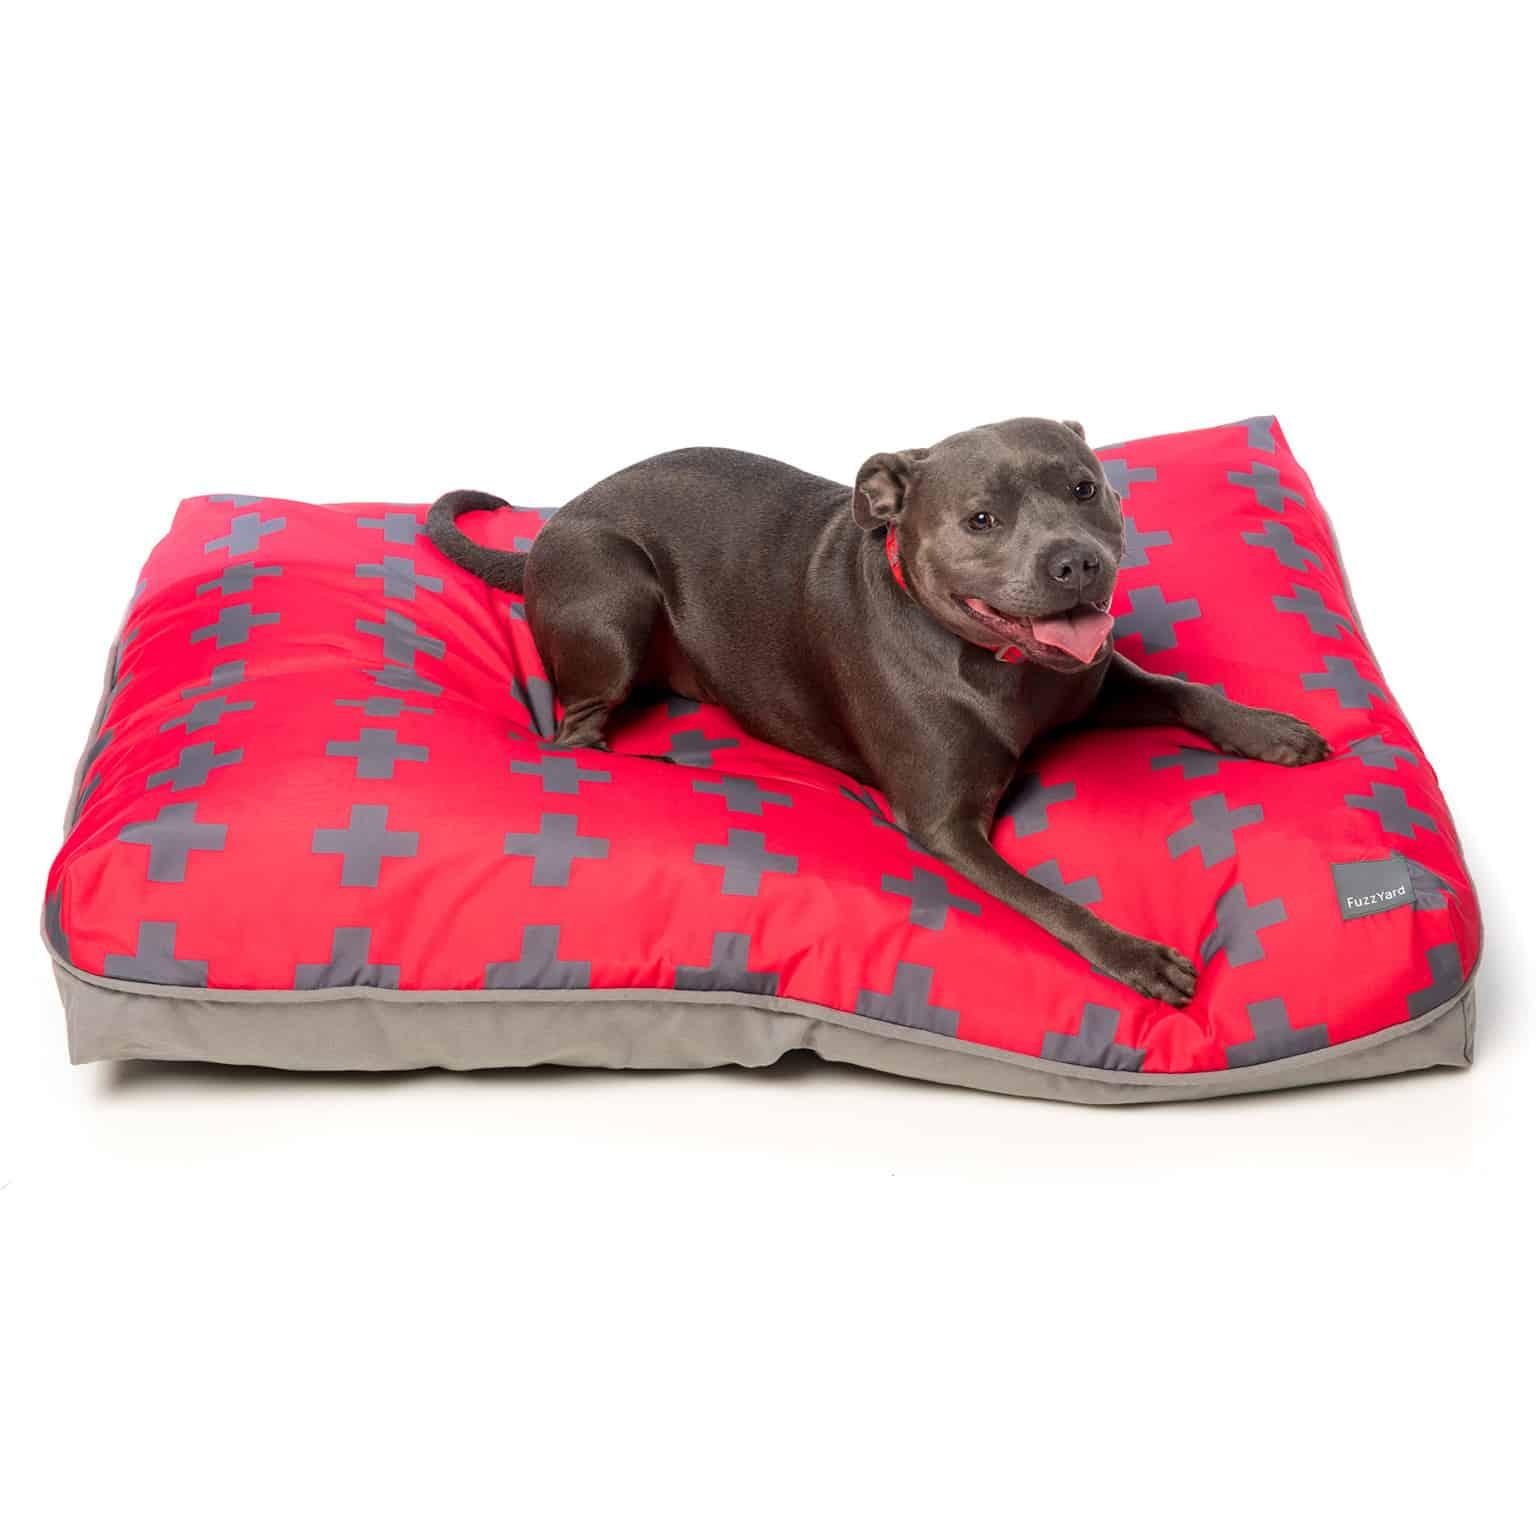 Fuzzyard Pillow Bed - El Fuego